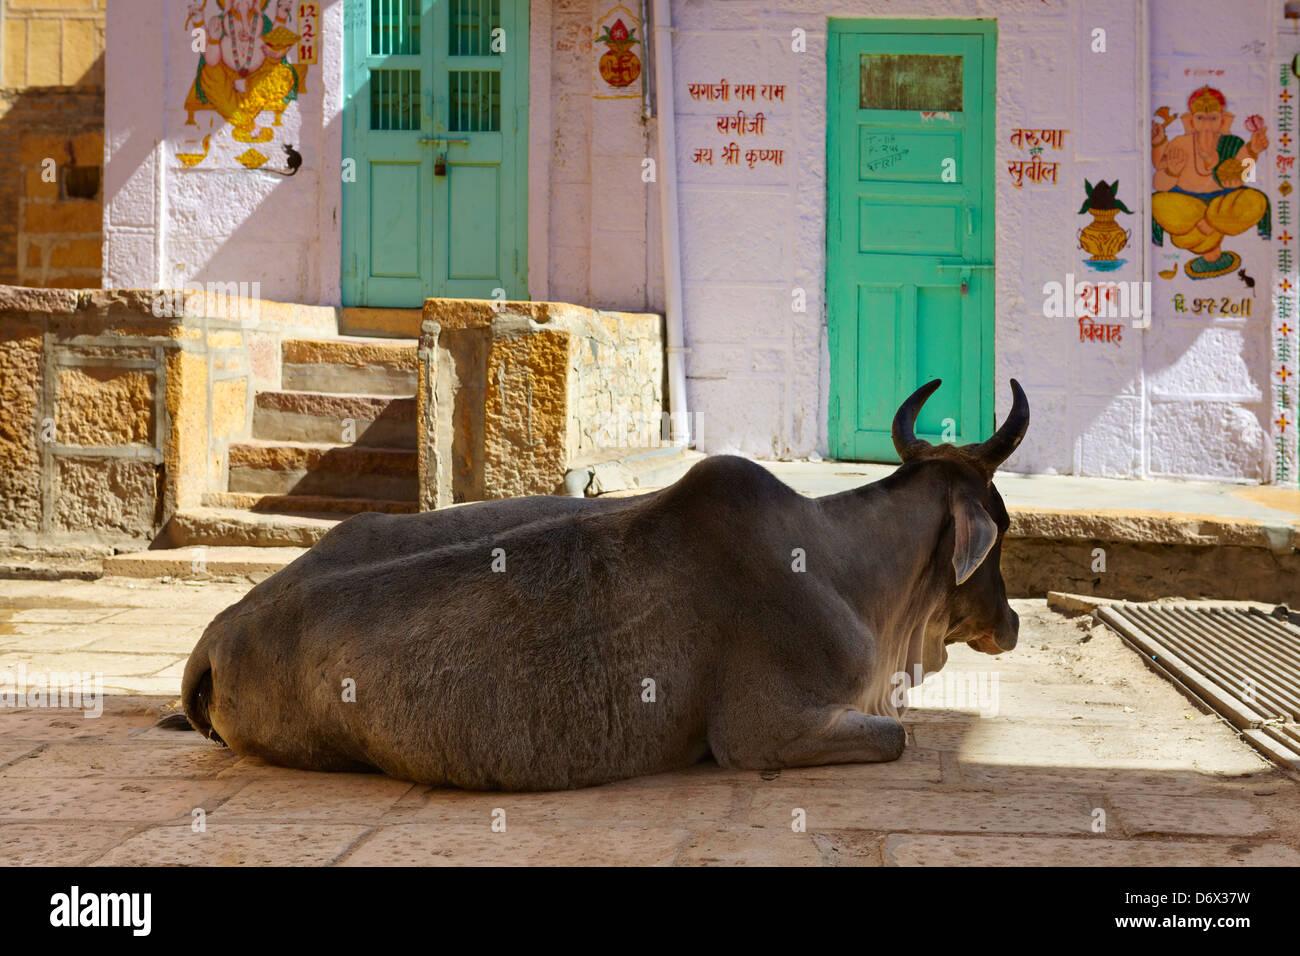 Scena di strada, mucca sulla strada, Jaisalmer, stato del Rajasthan, India Immagini Stock